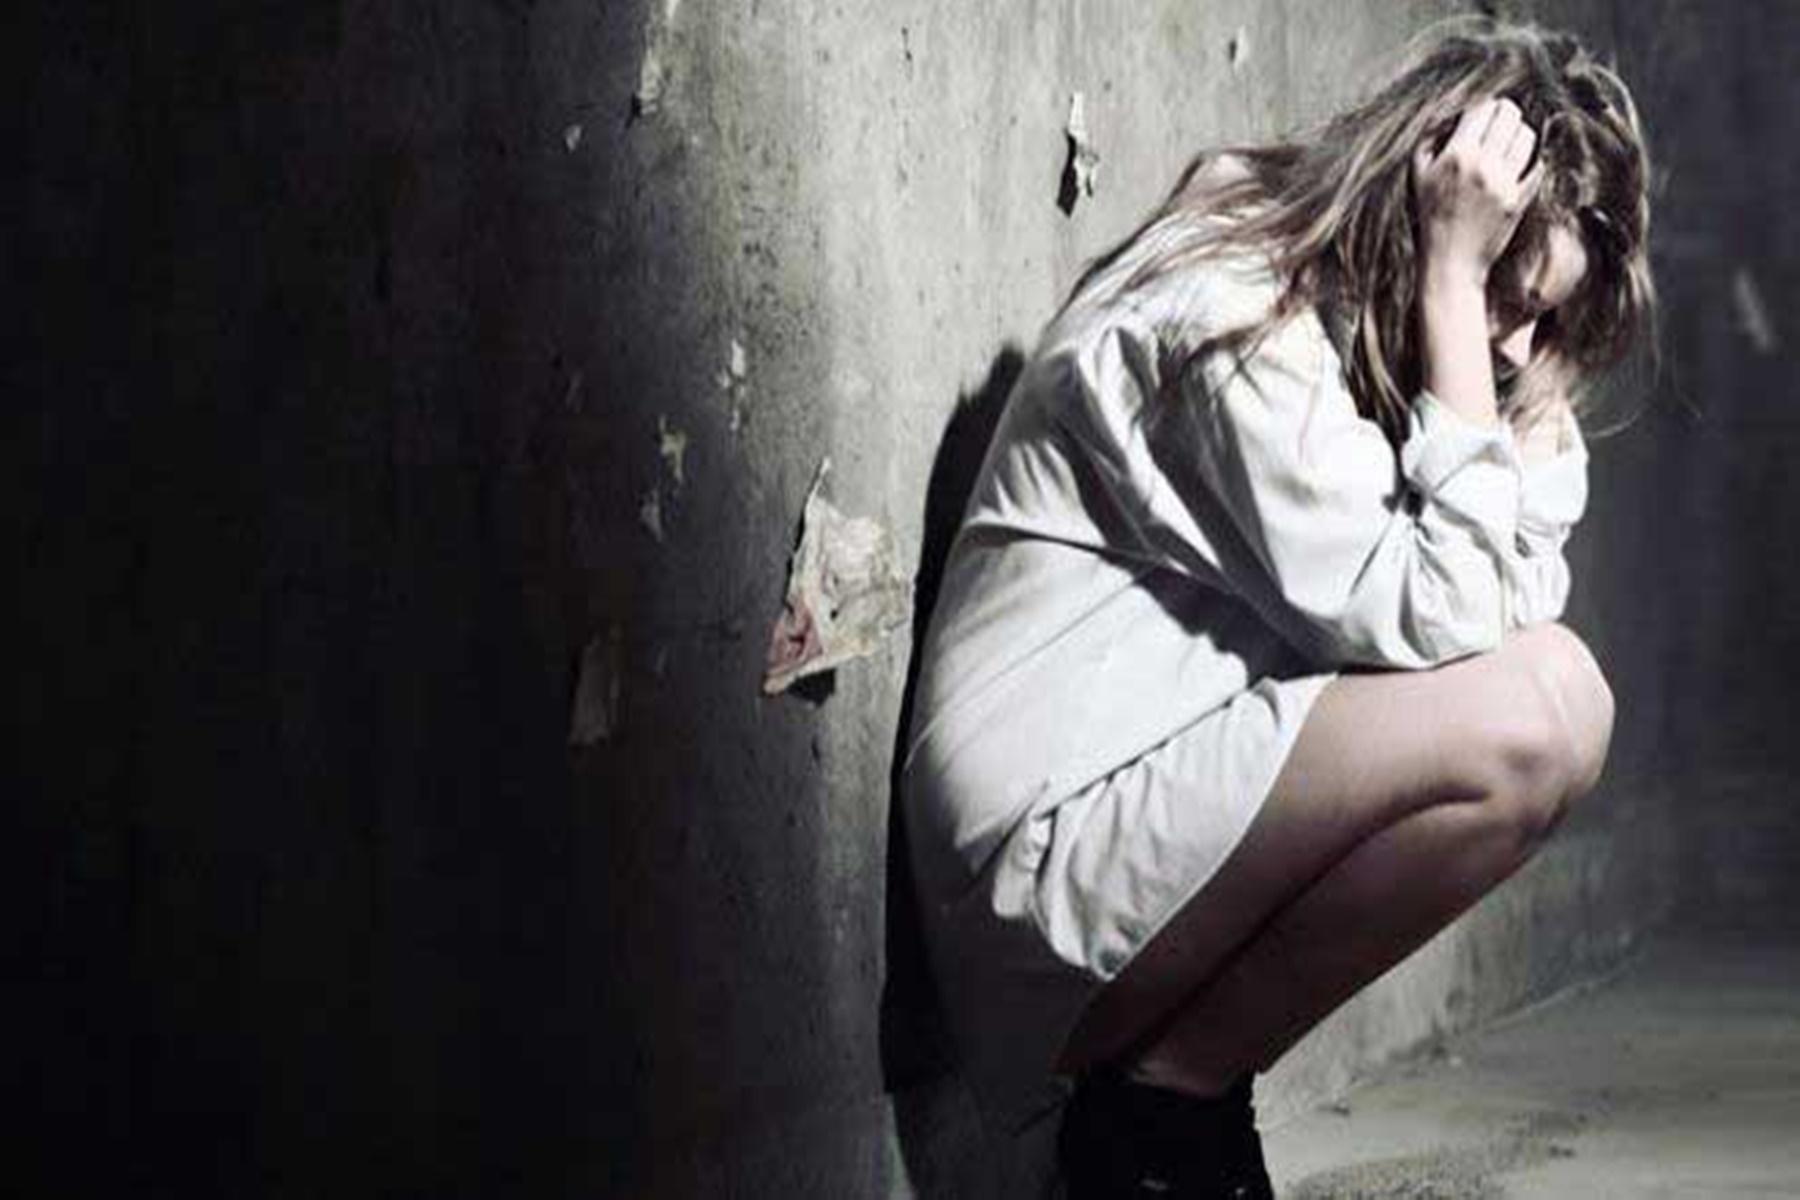 ΠΟΥ : Η δράση του στην ψυχική υγεία